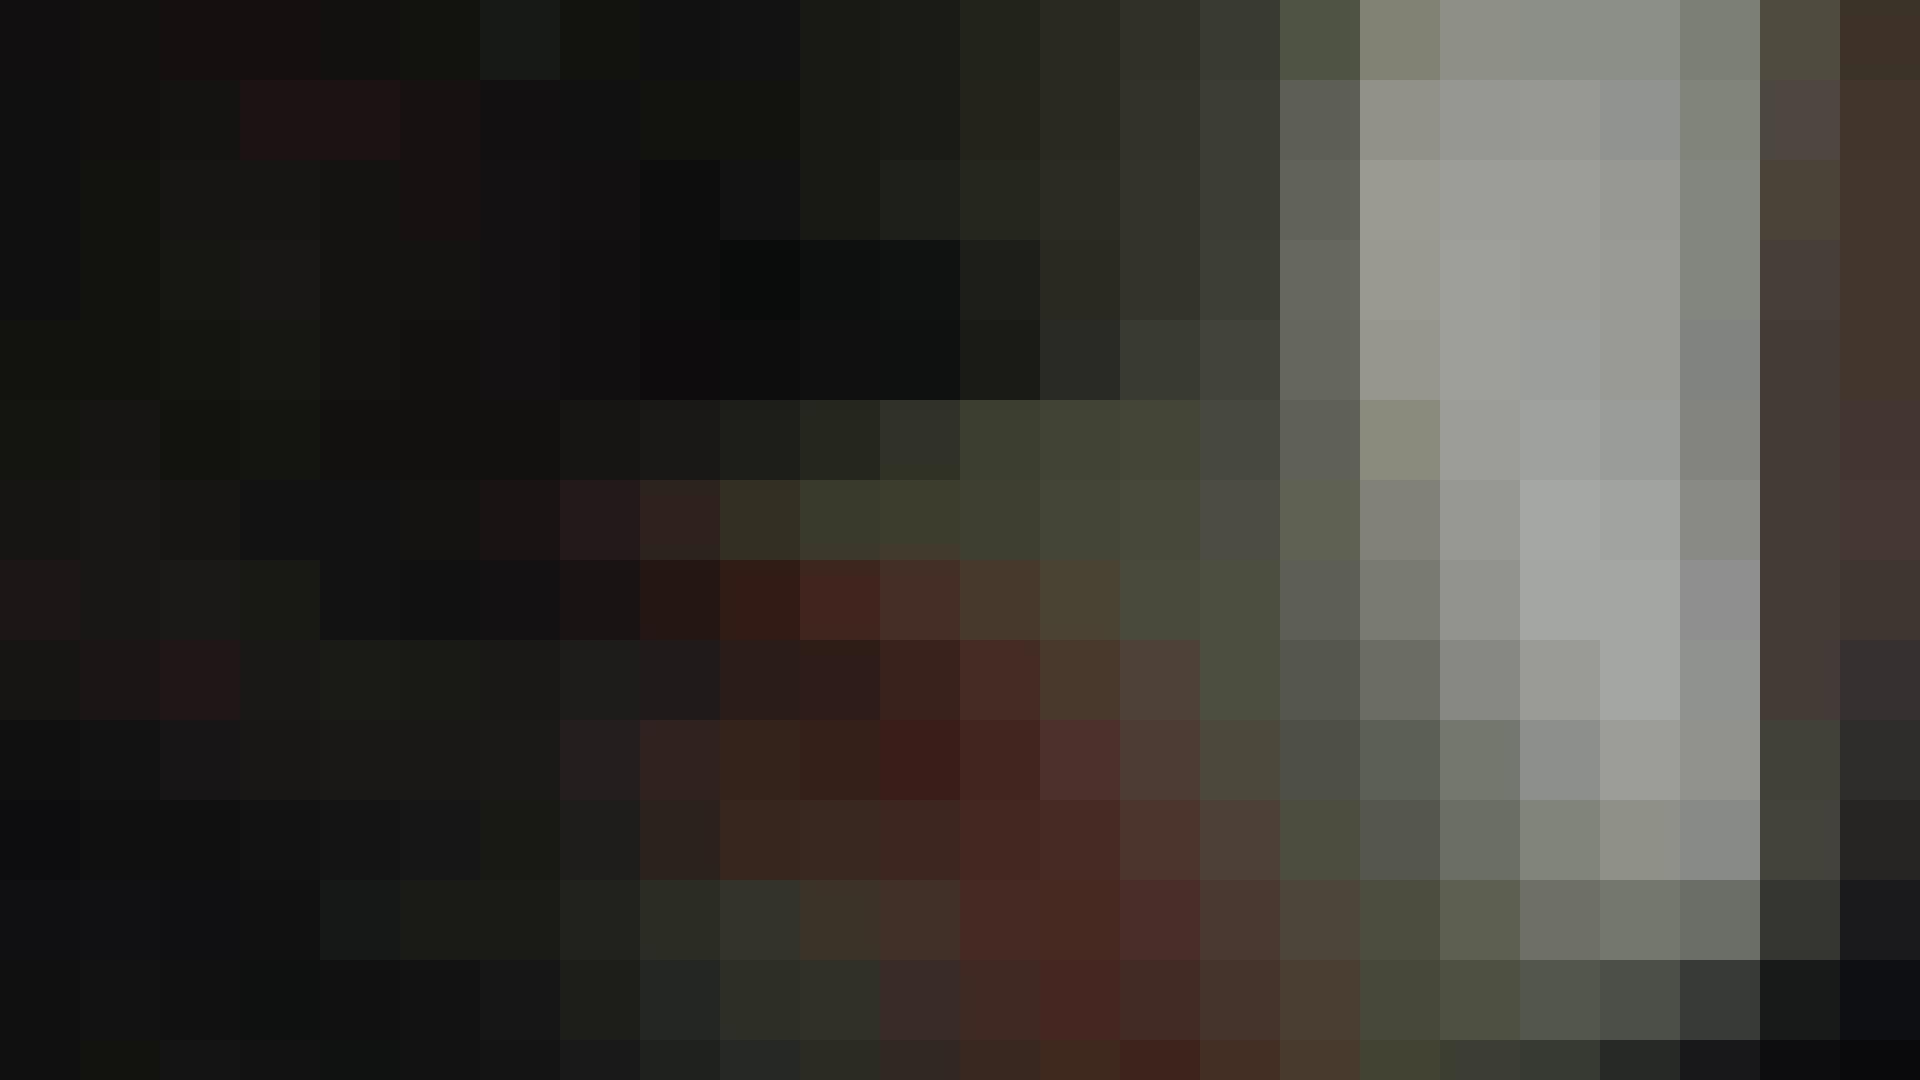 阿国ちゃんの「和式洋式七変化」No.18 iBO(フタコブ) 和式 | 洗面所  99pic 59